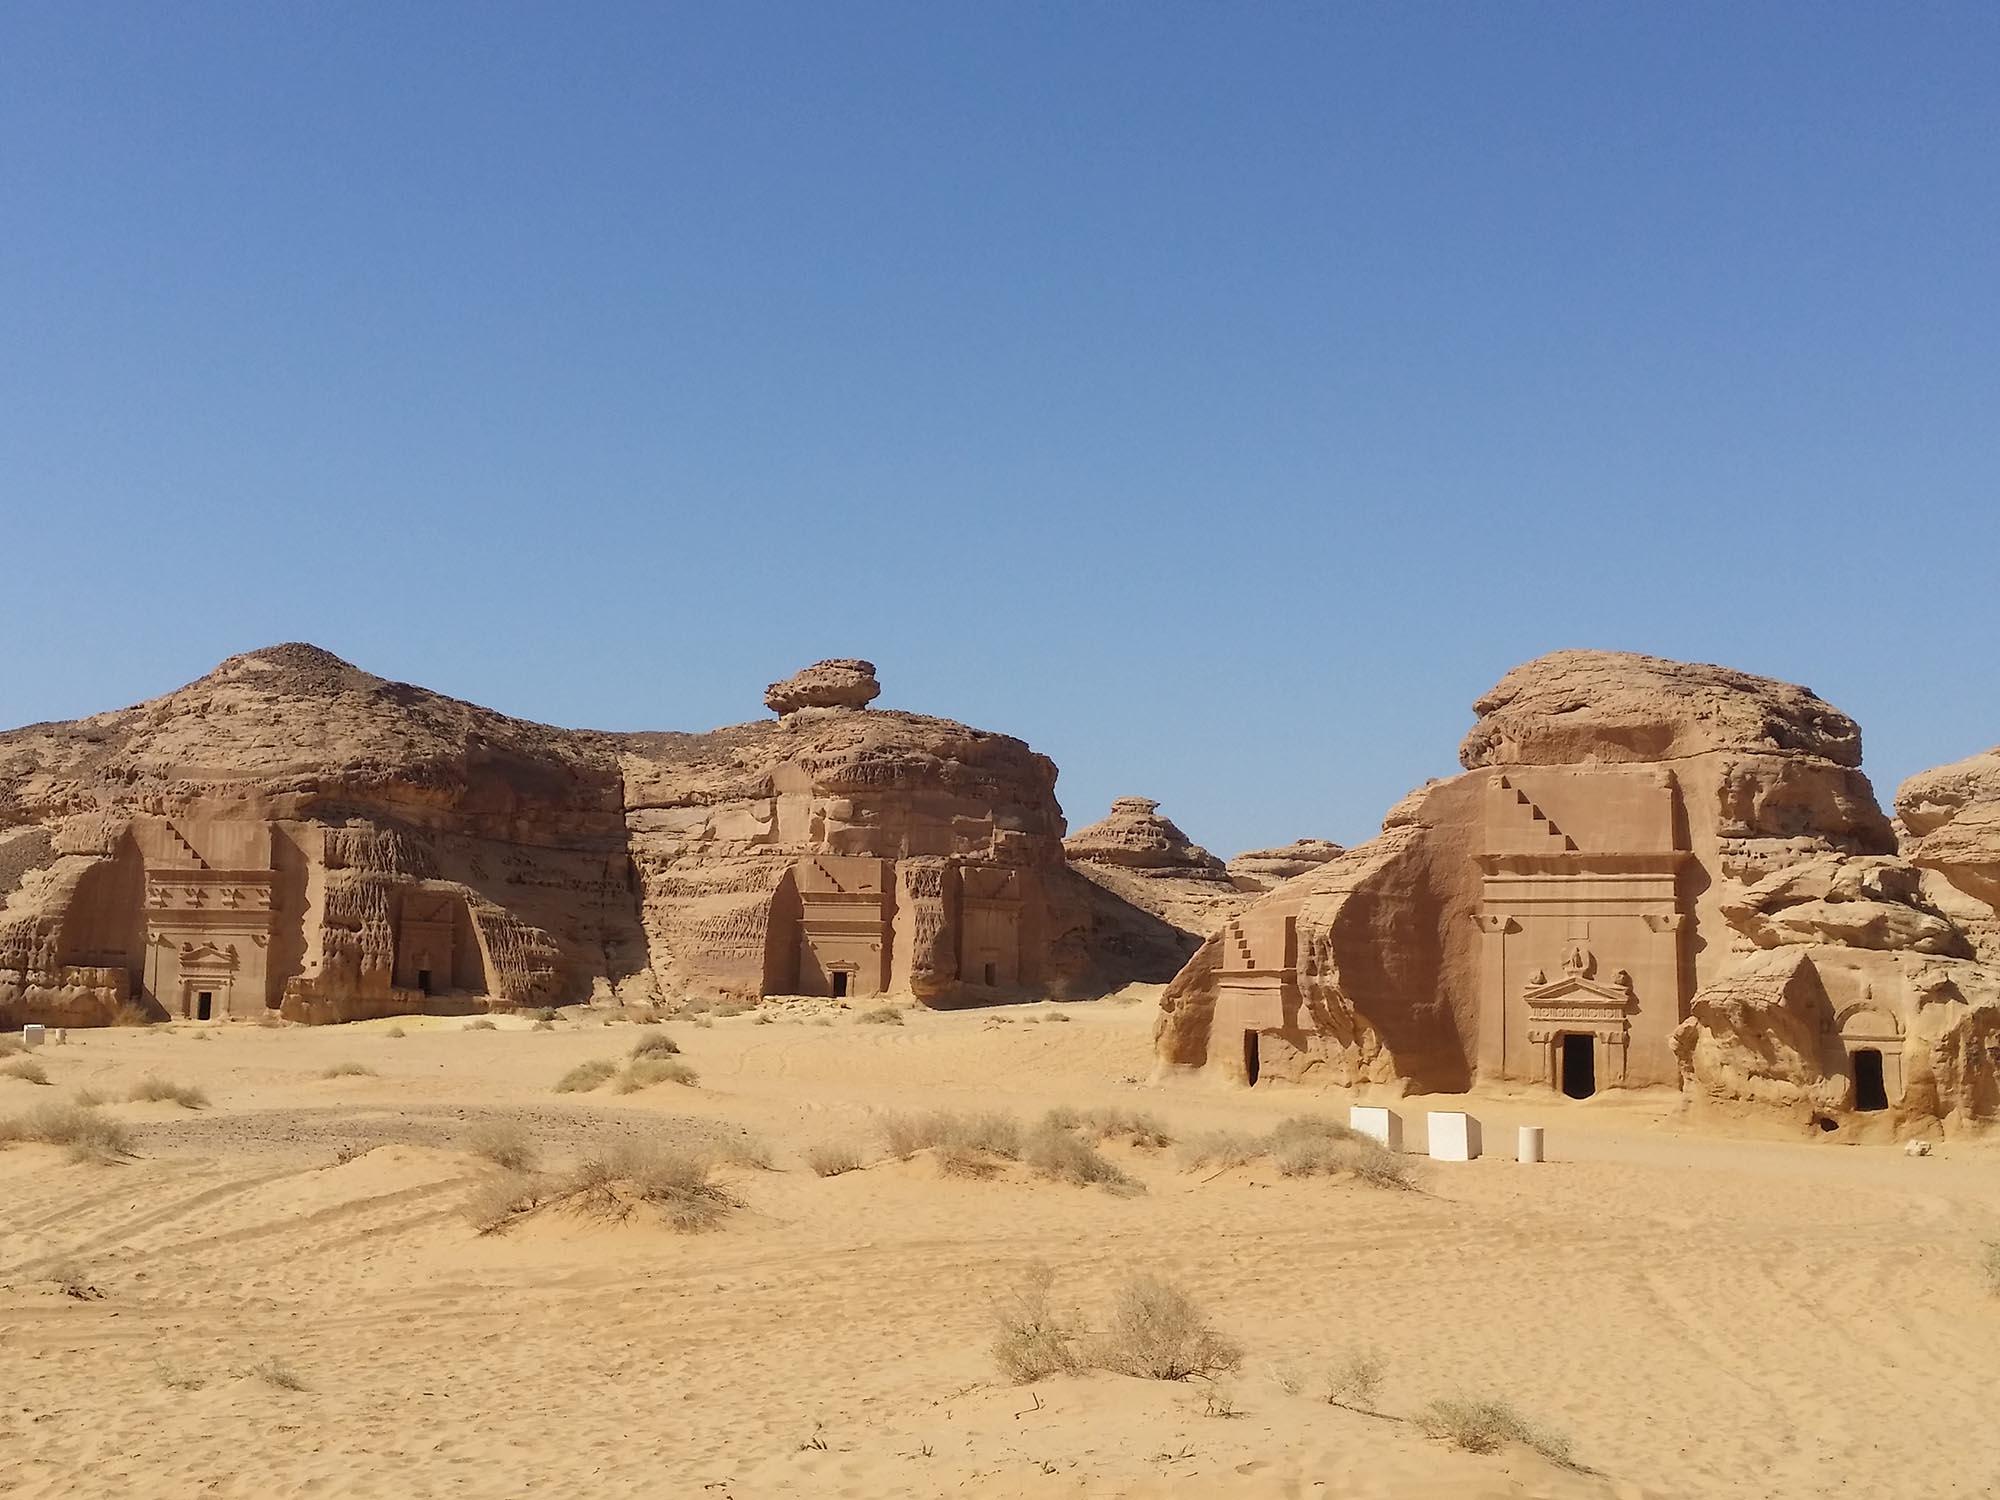 Saoedi-Arabië verwelkomt reizigers!